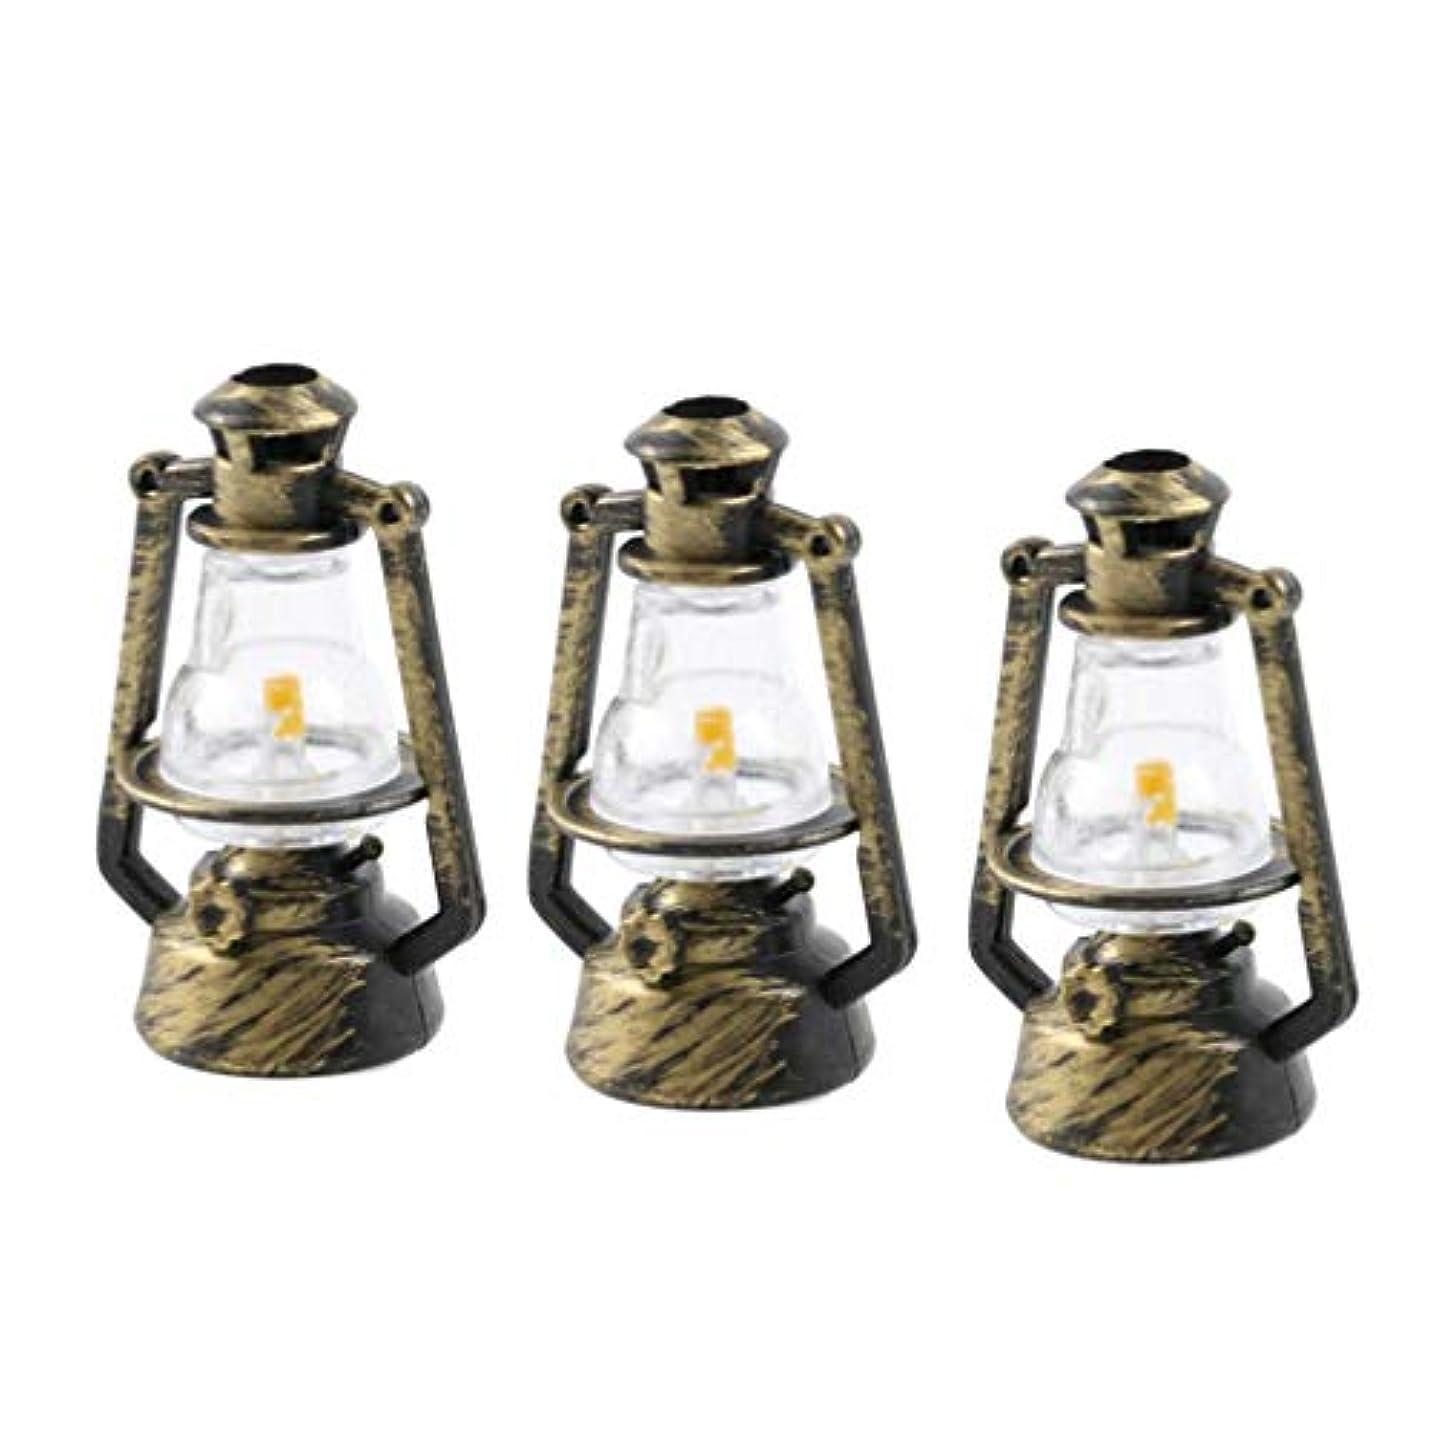 更新愛ノートHealifty オイルランタンデスクトップ装飾レトロ灯油ランプ用ホーム寝室の装飾写真撮影の小道具6ピース